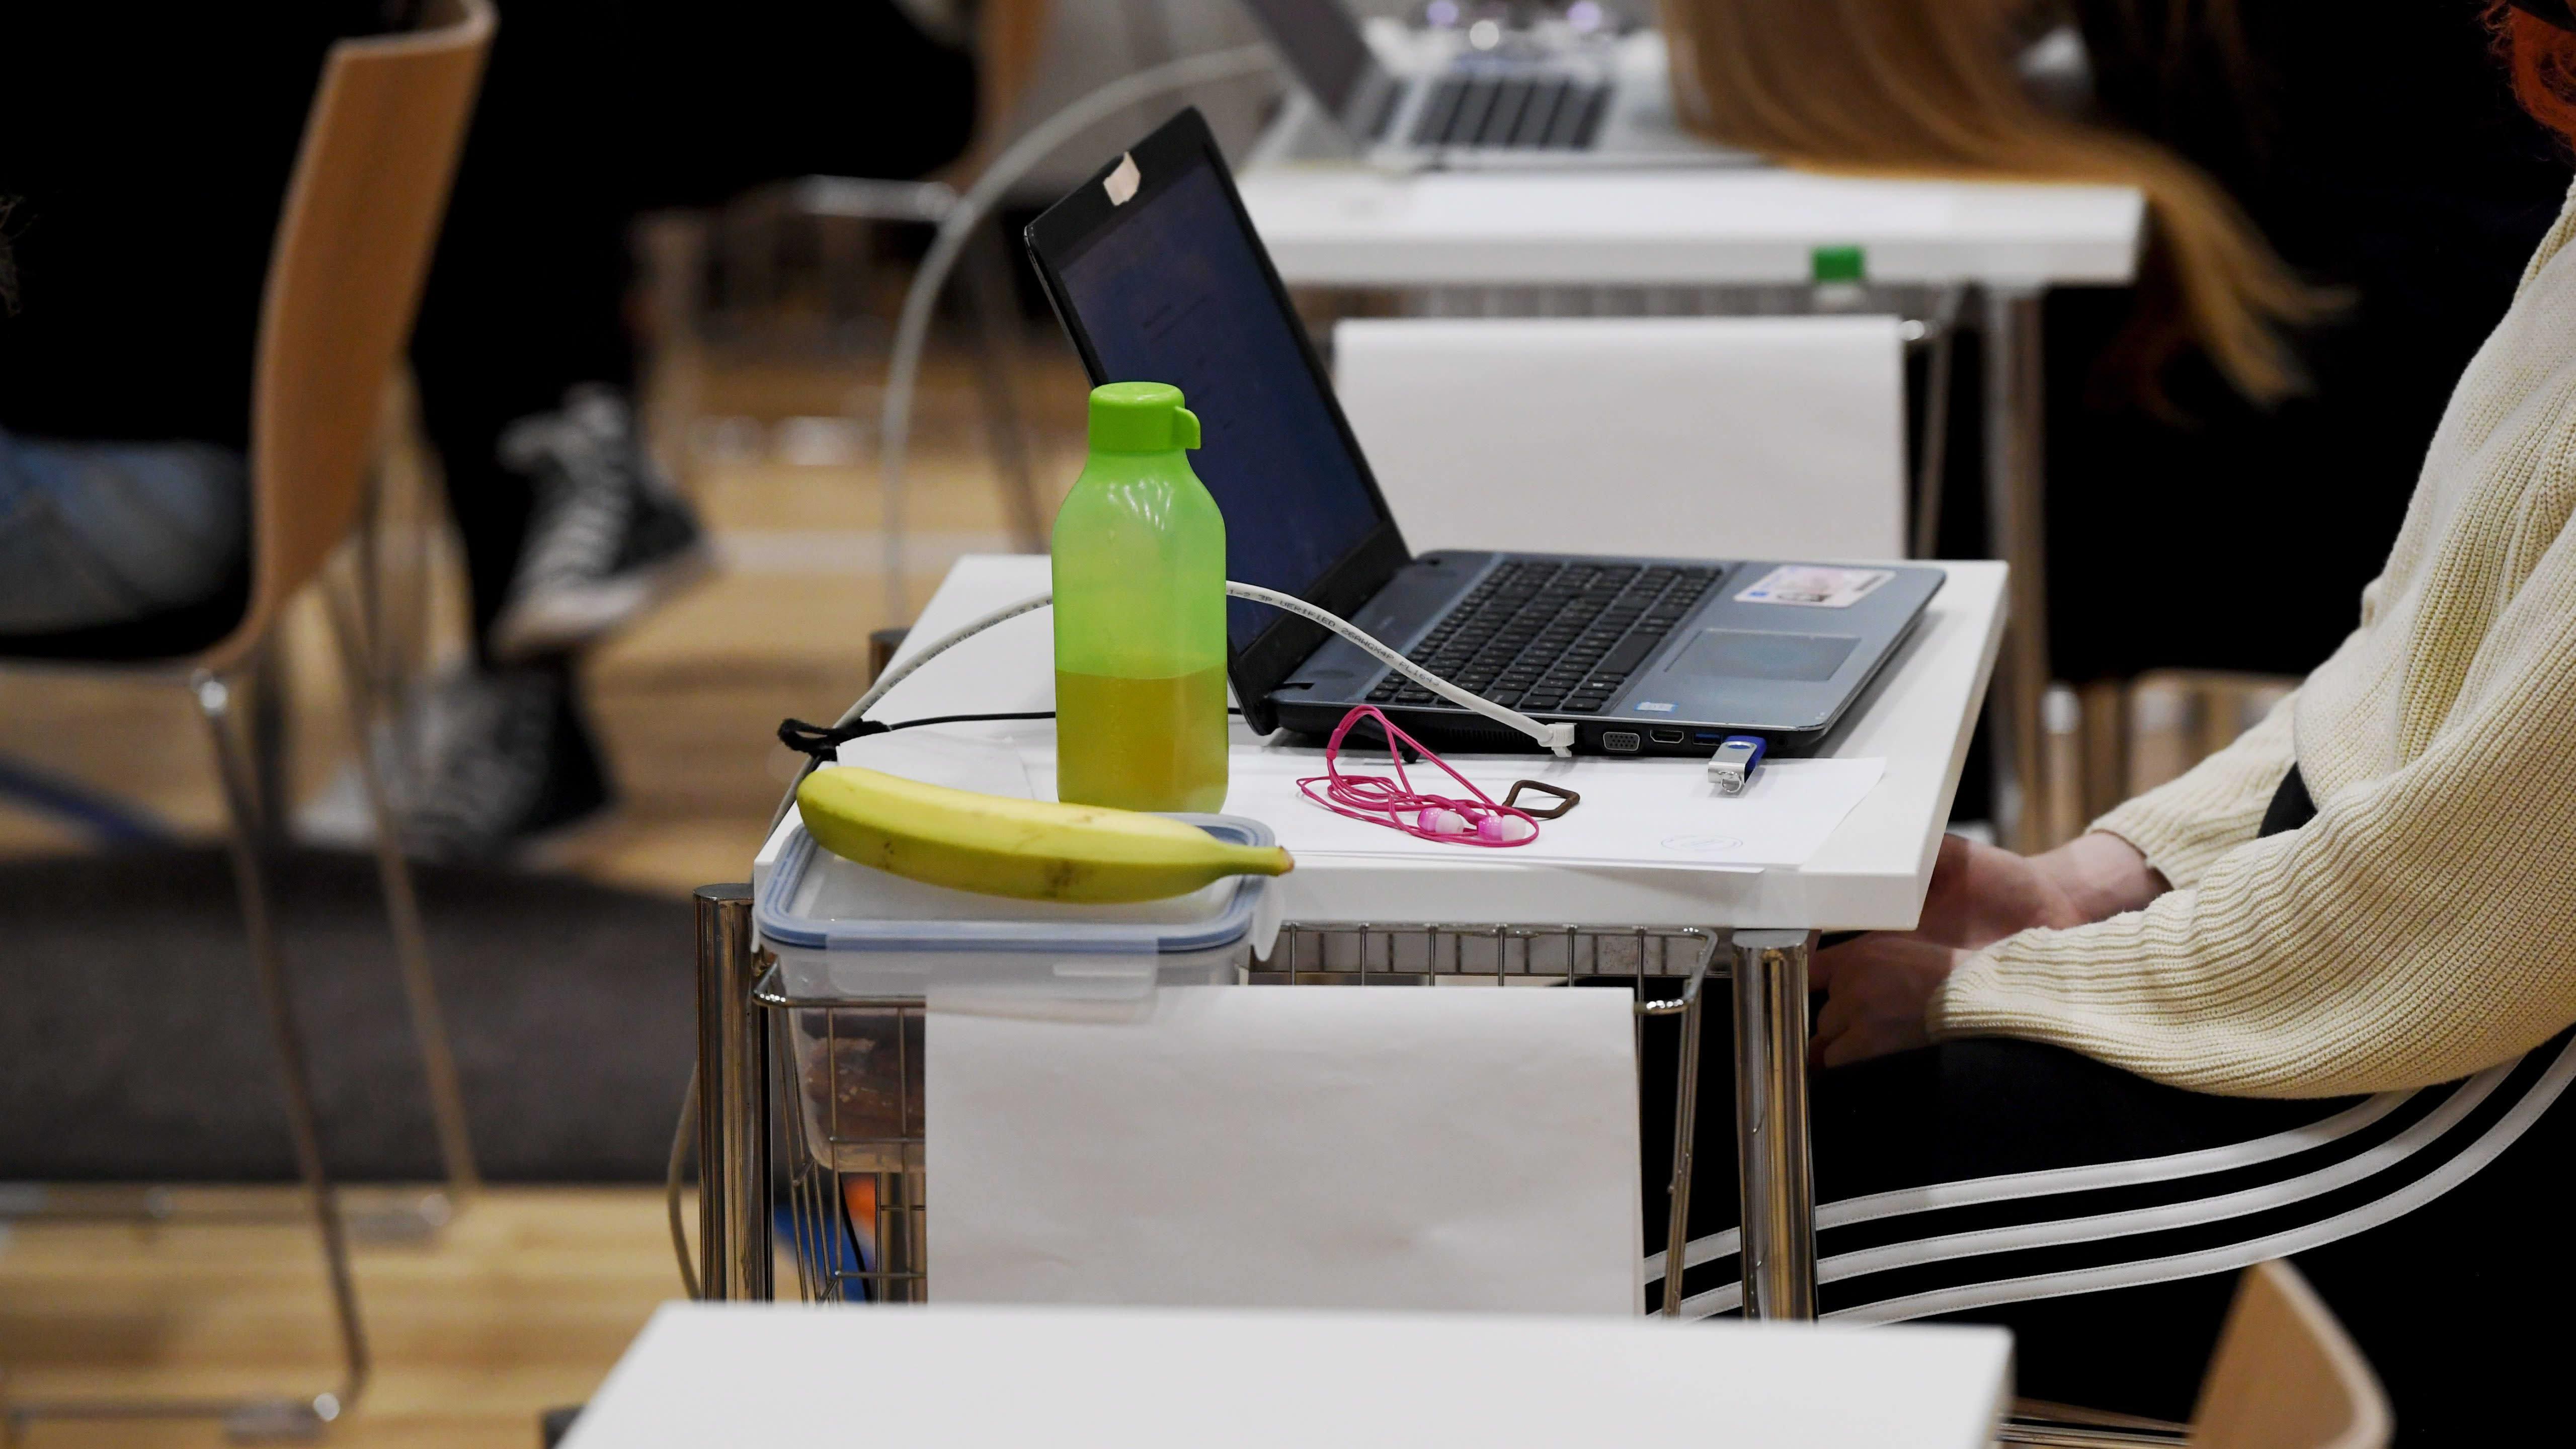 Opiskelijoita ylioppilaskirjoituksissa Ressun lukiossa Helsingissä maanantaiaamuna 13. syyskuuta 2021.